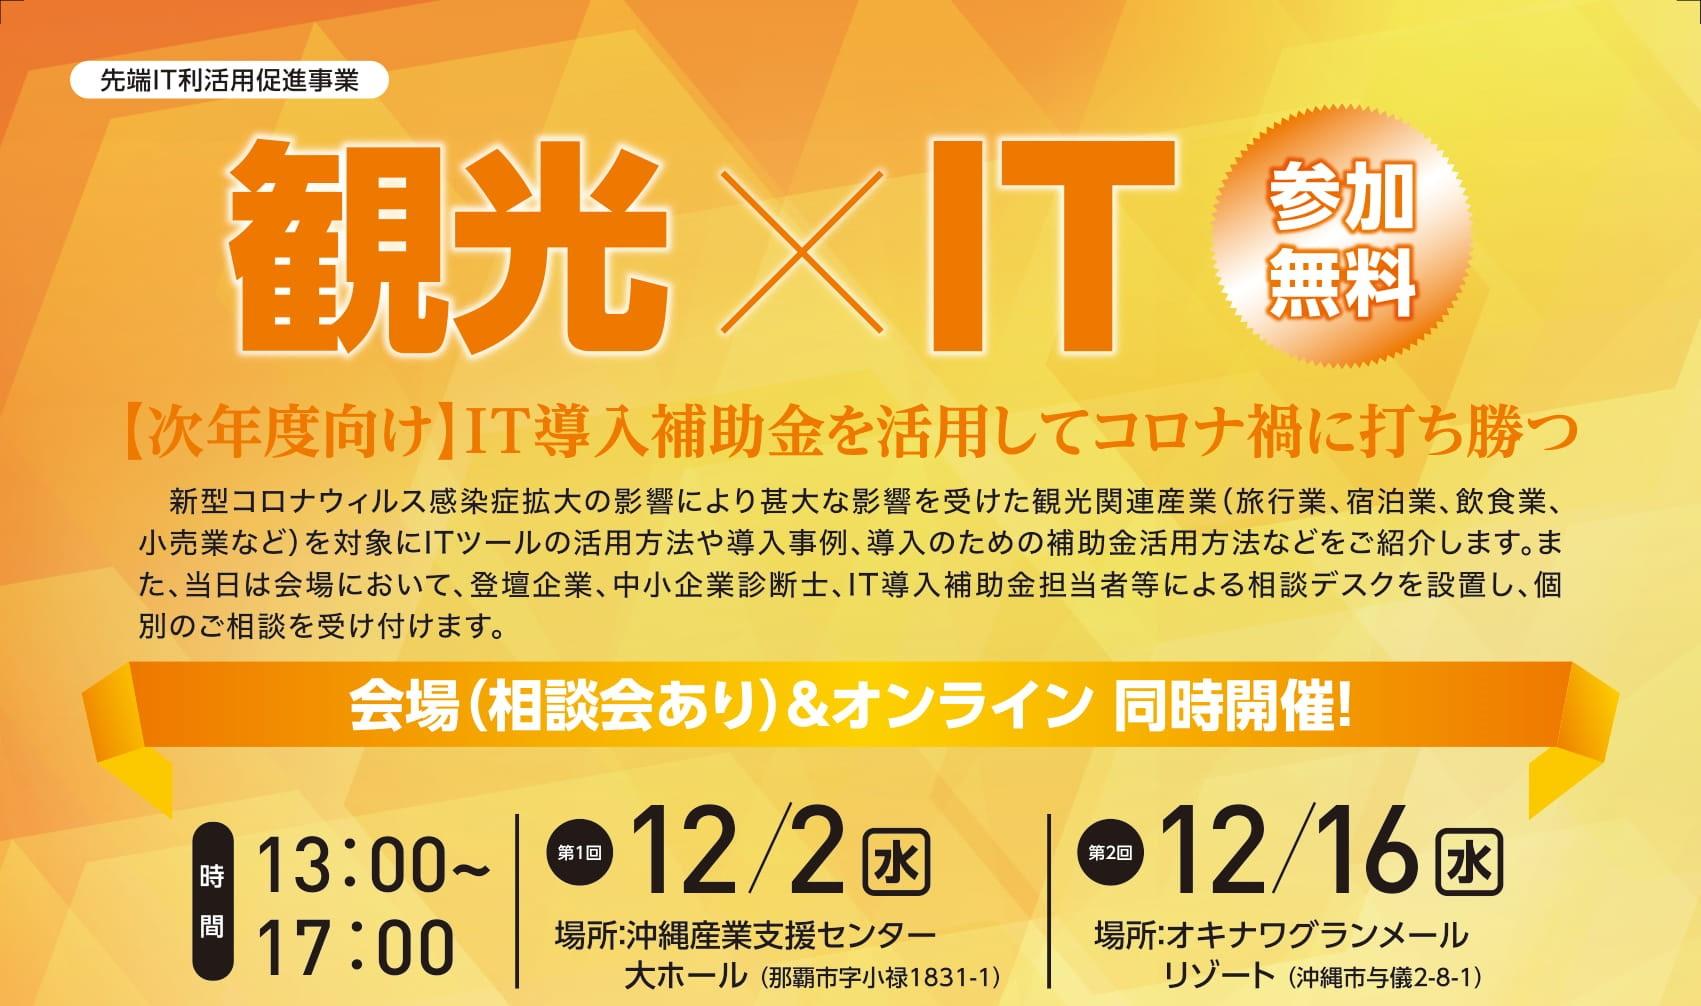 第2回「観光xIT」補助金活用IT導入セミナー・相談会